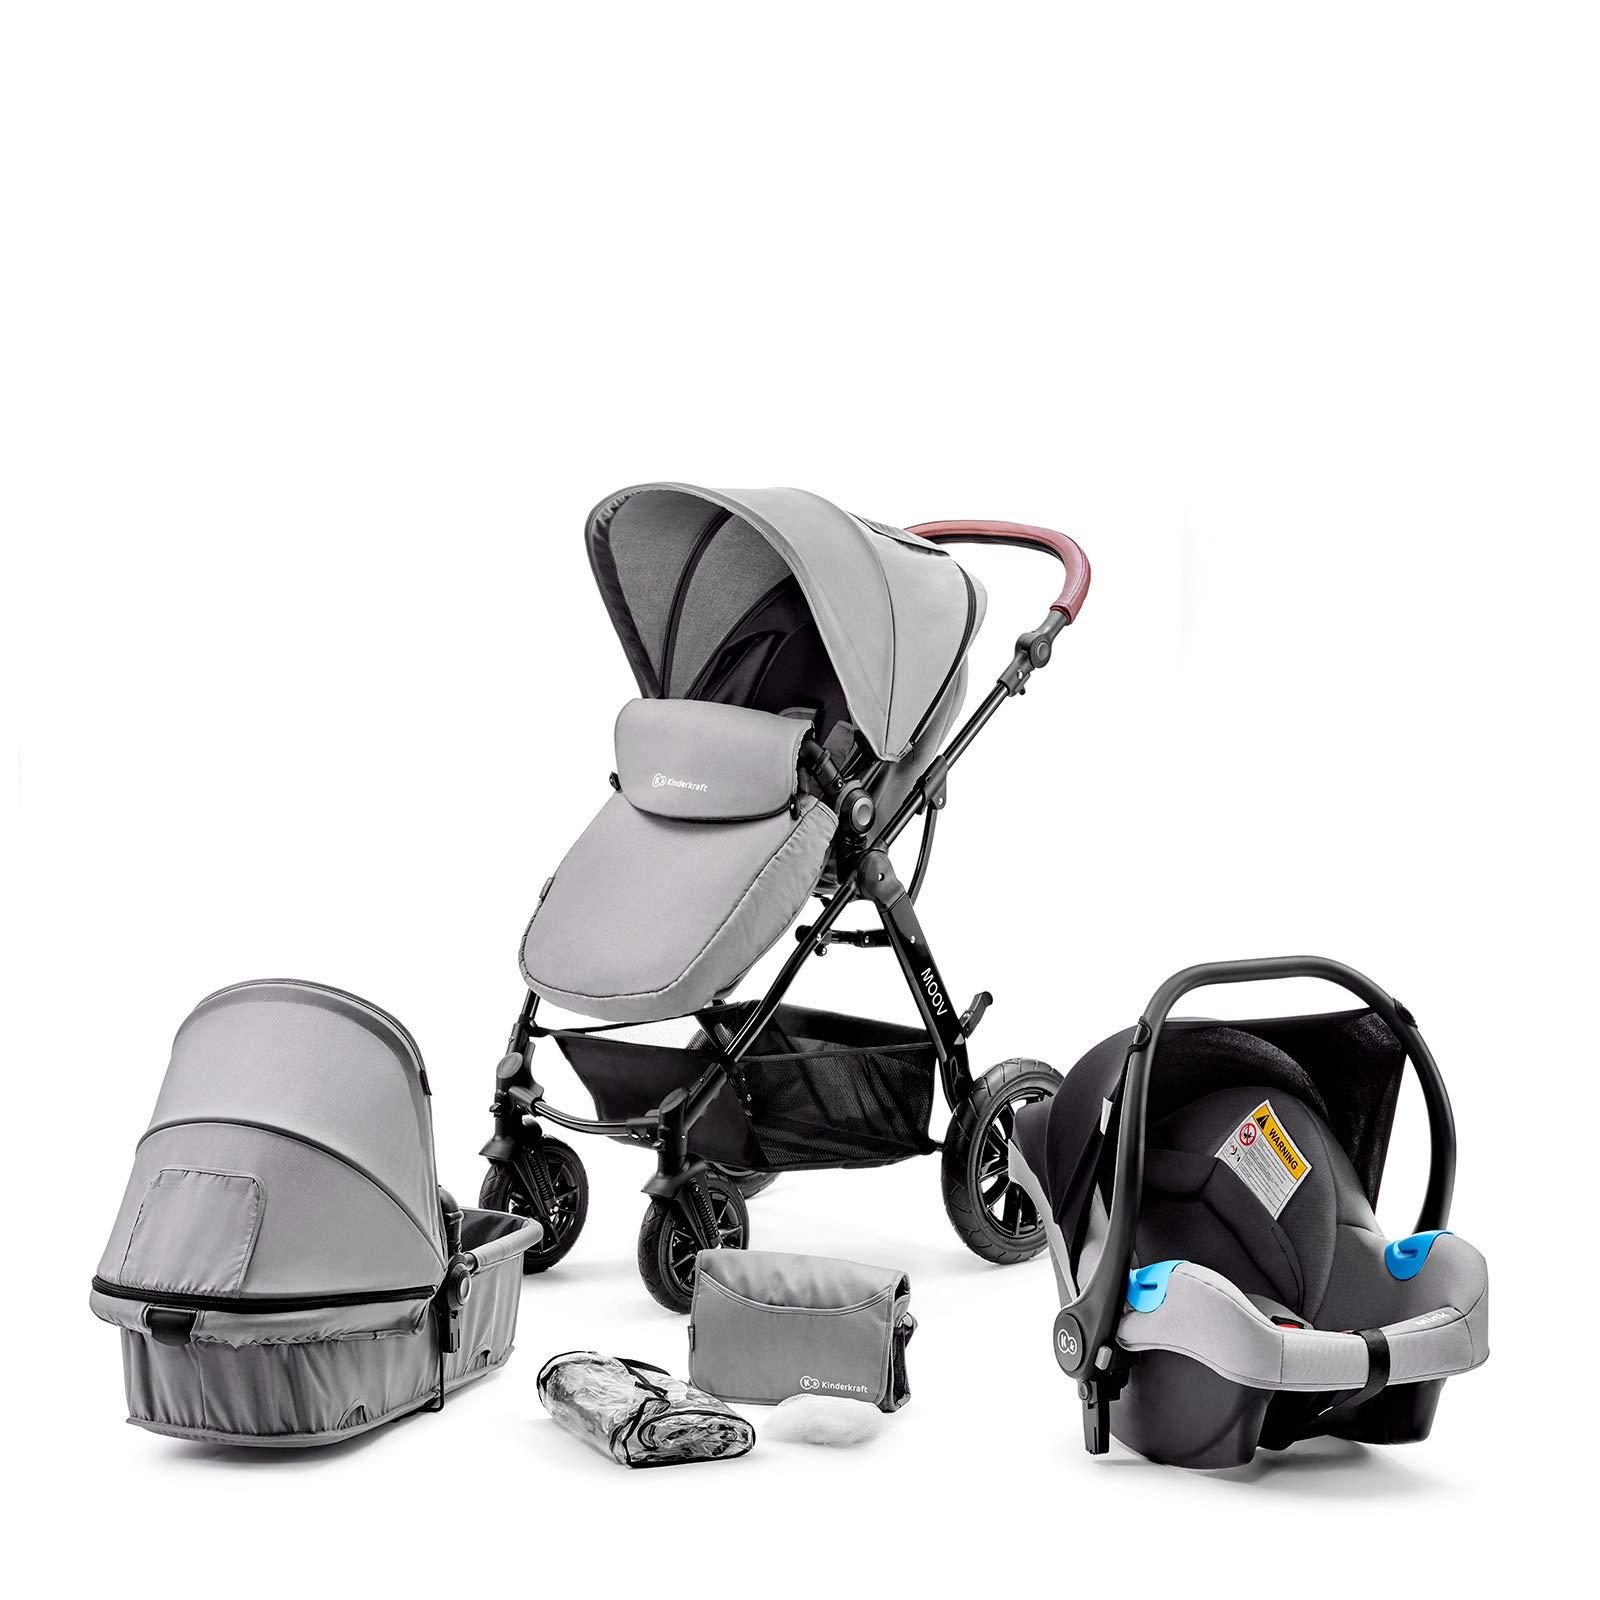 Kinderkraft Kinderwagen 3 in 1 MOOV, Kinderwagenset, Sportwagen, Buggy und Tragewanne in Einem, Babyschale, Große Räder…